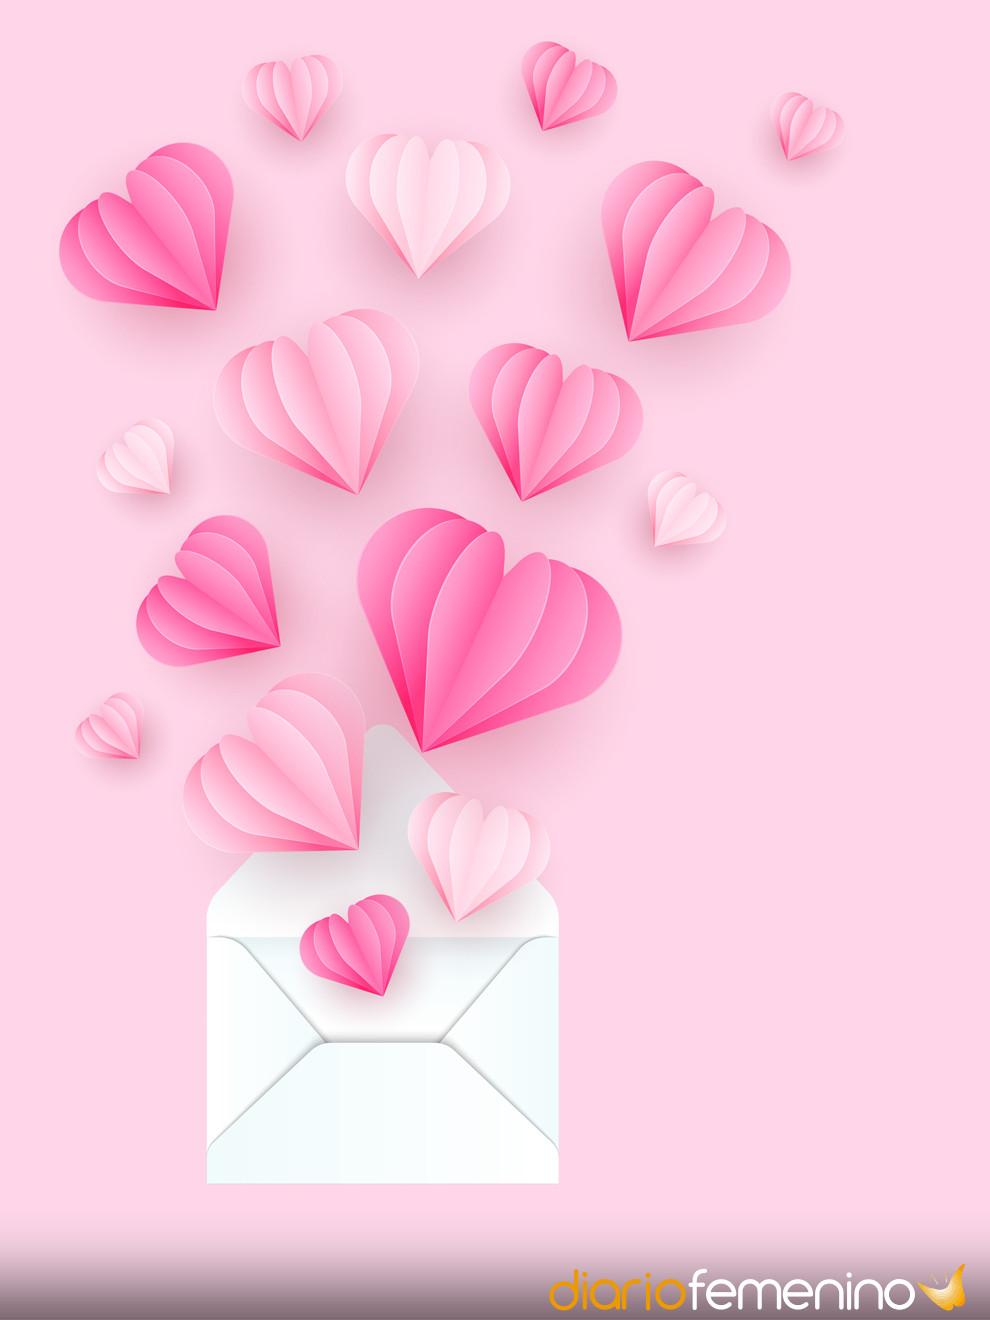 Carta De Amor Para Una Mujer Palabras Que Le Haran Feliz Feliz día de la madre. carta de amor para una mujer palabras